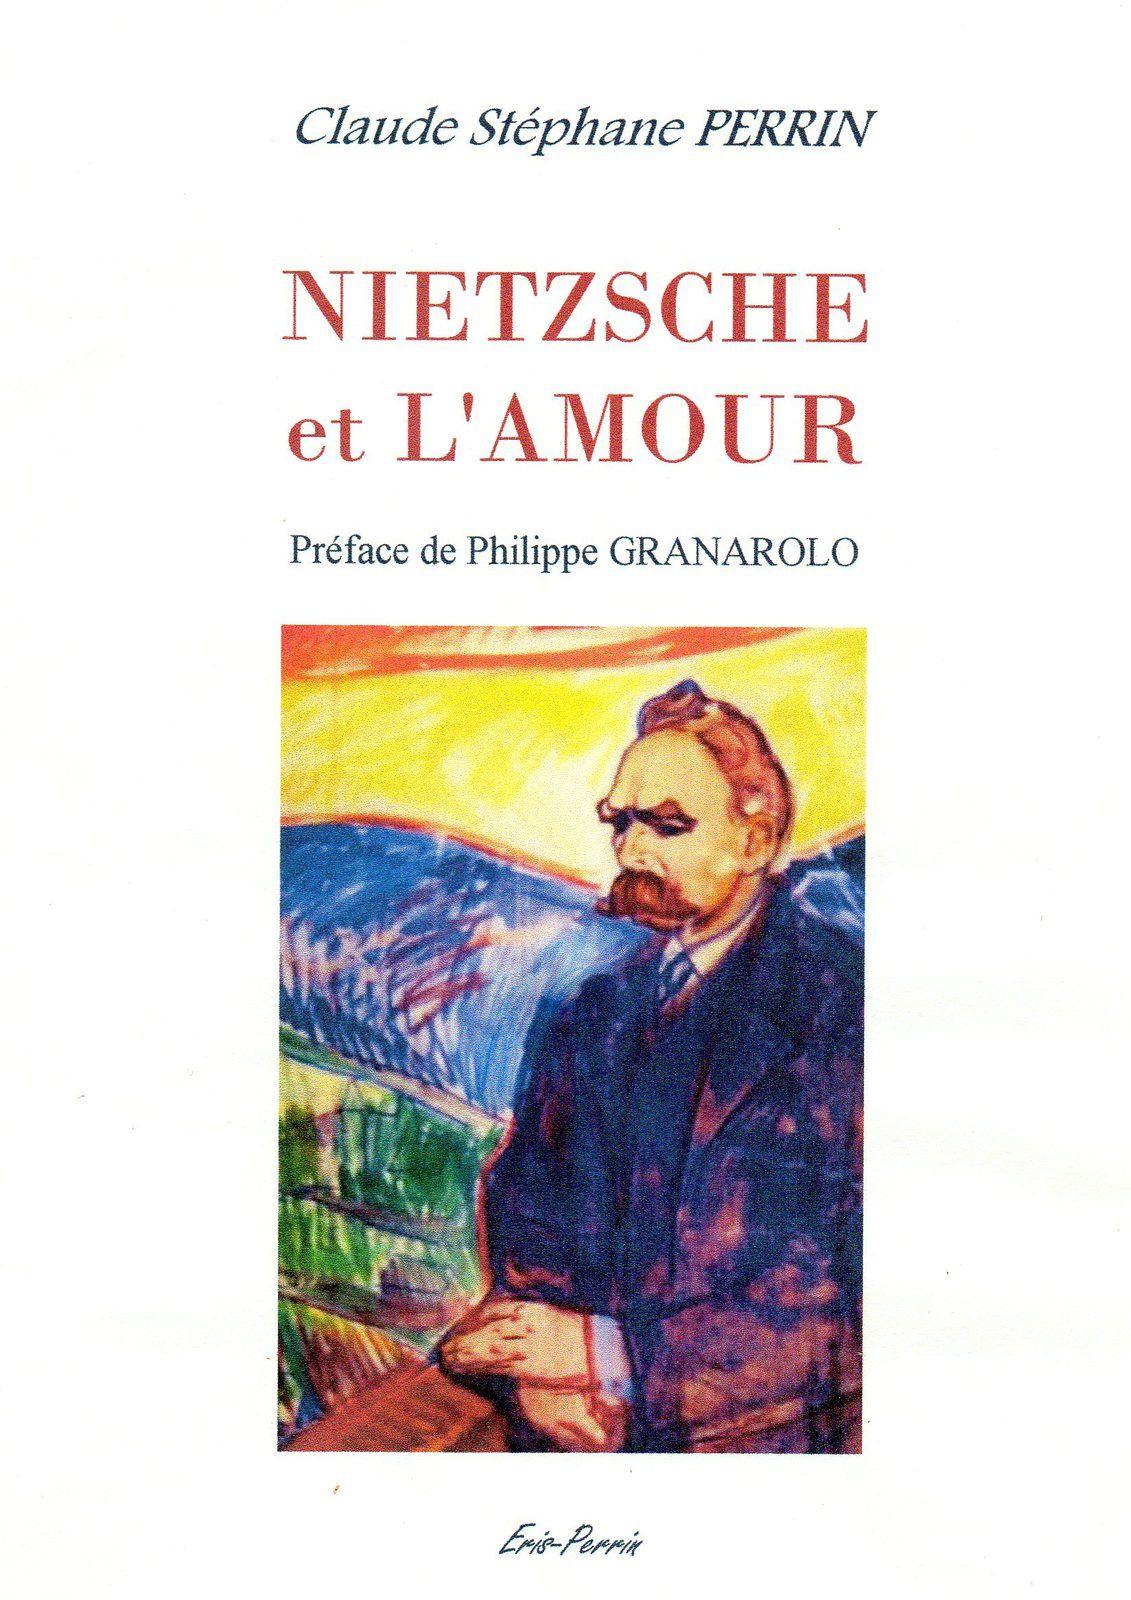 Nietzsche et l'amour